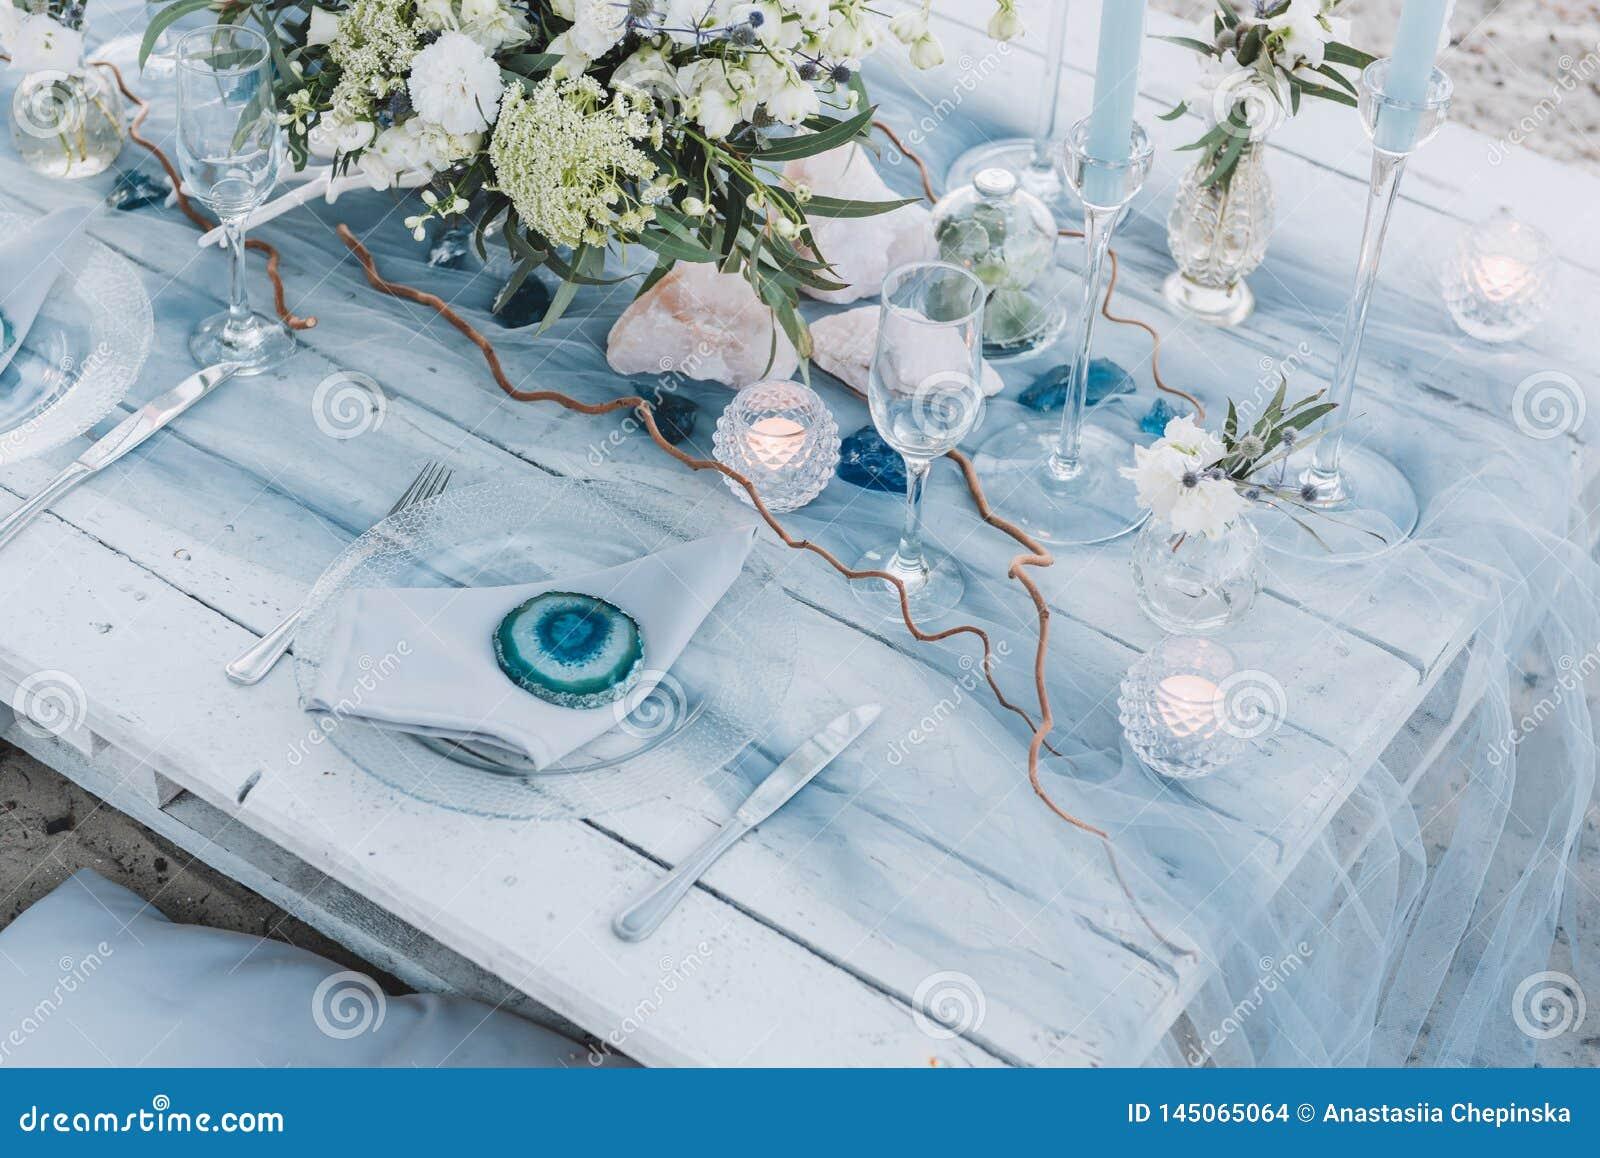 Elegante Tabelle gegründet in den blauen Pastellen für eine Strandhochzeit